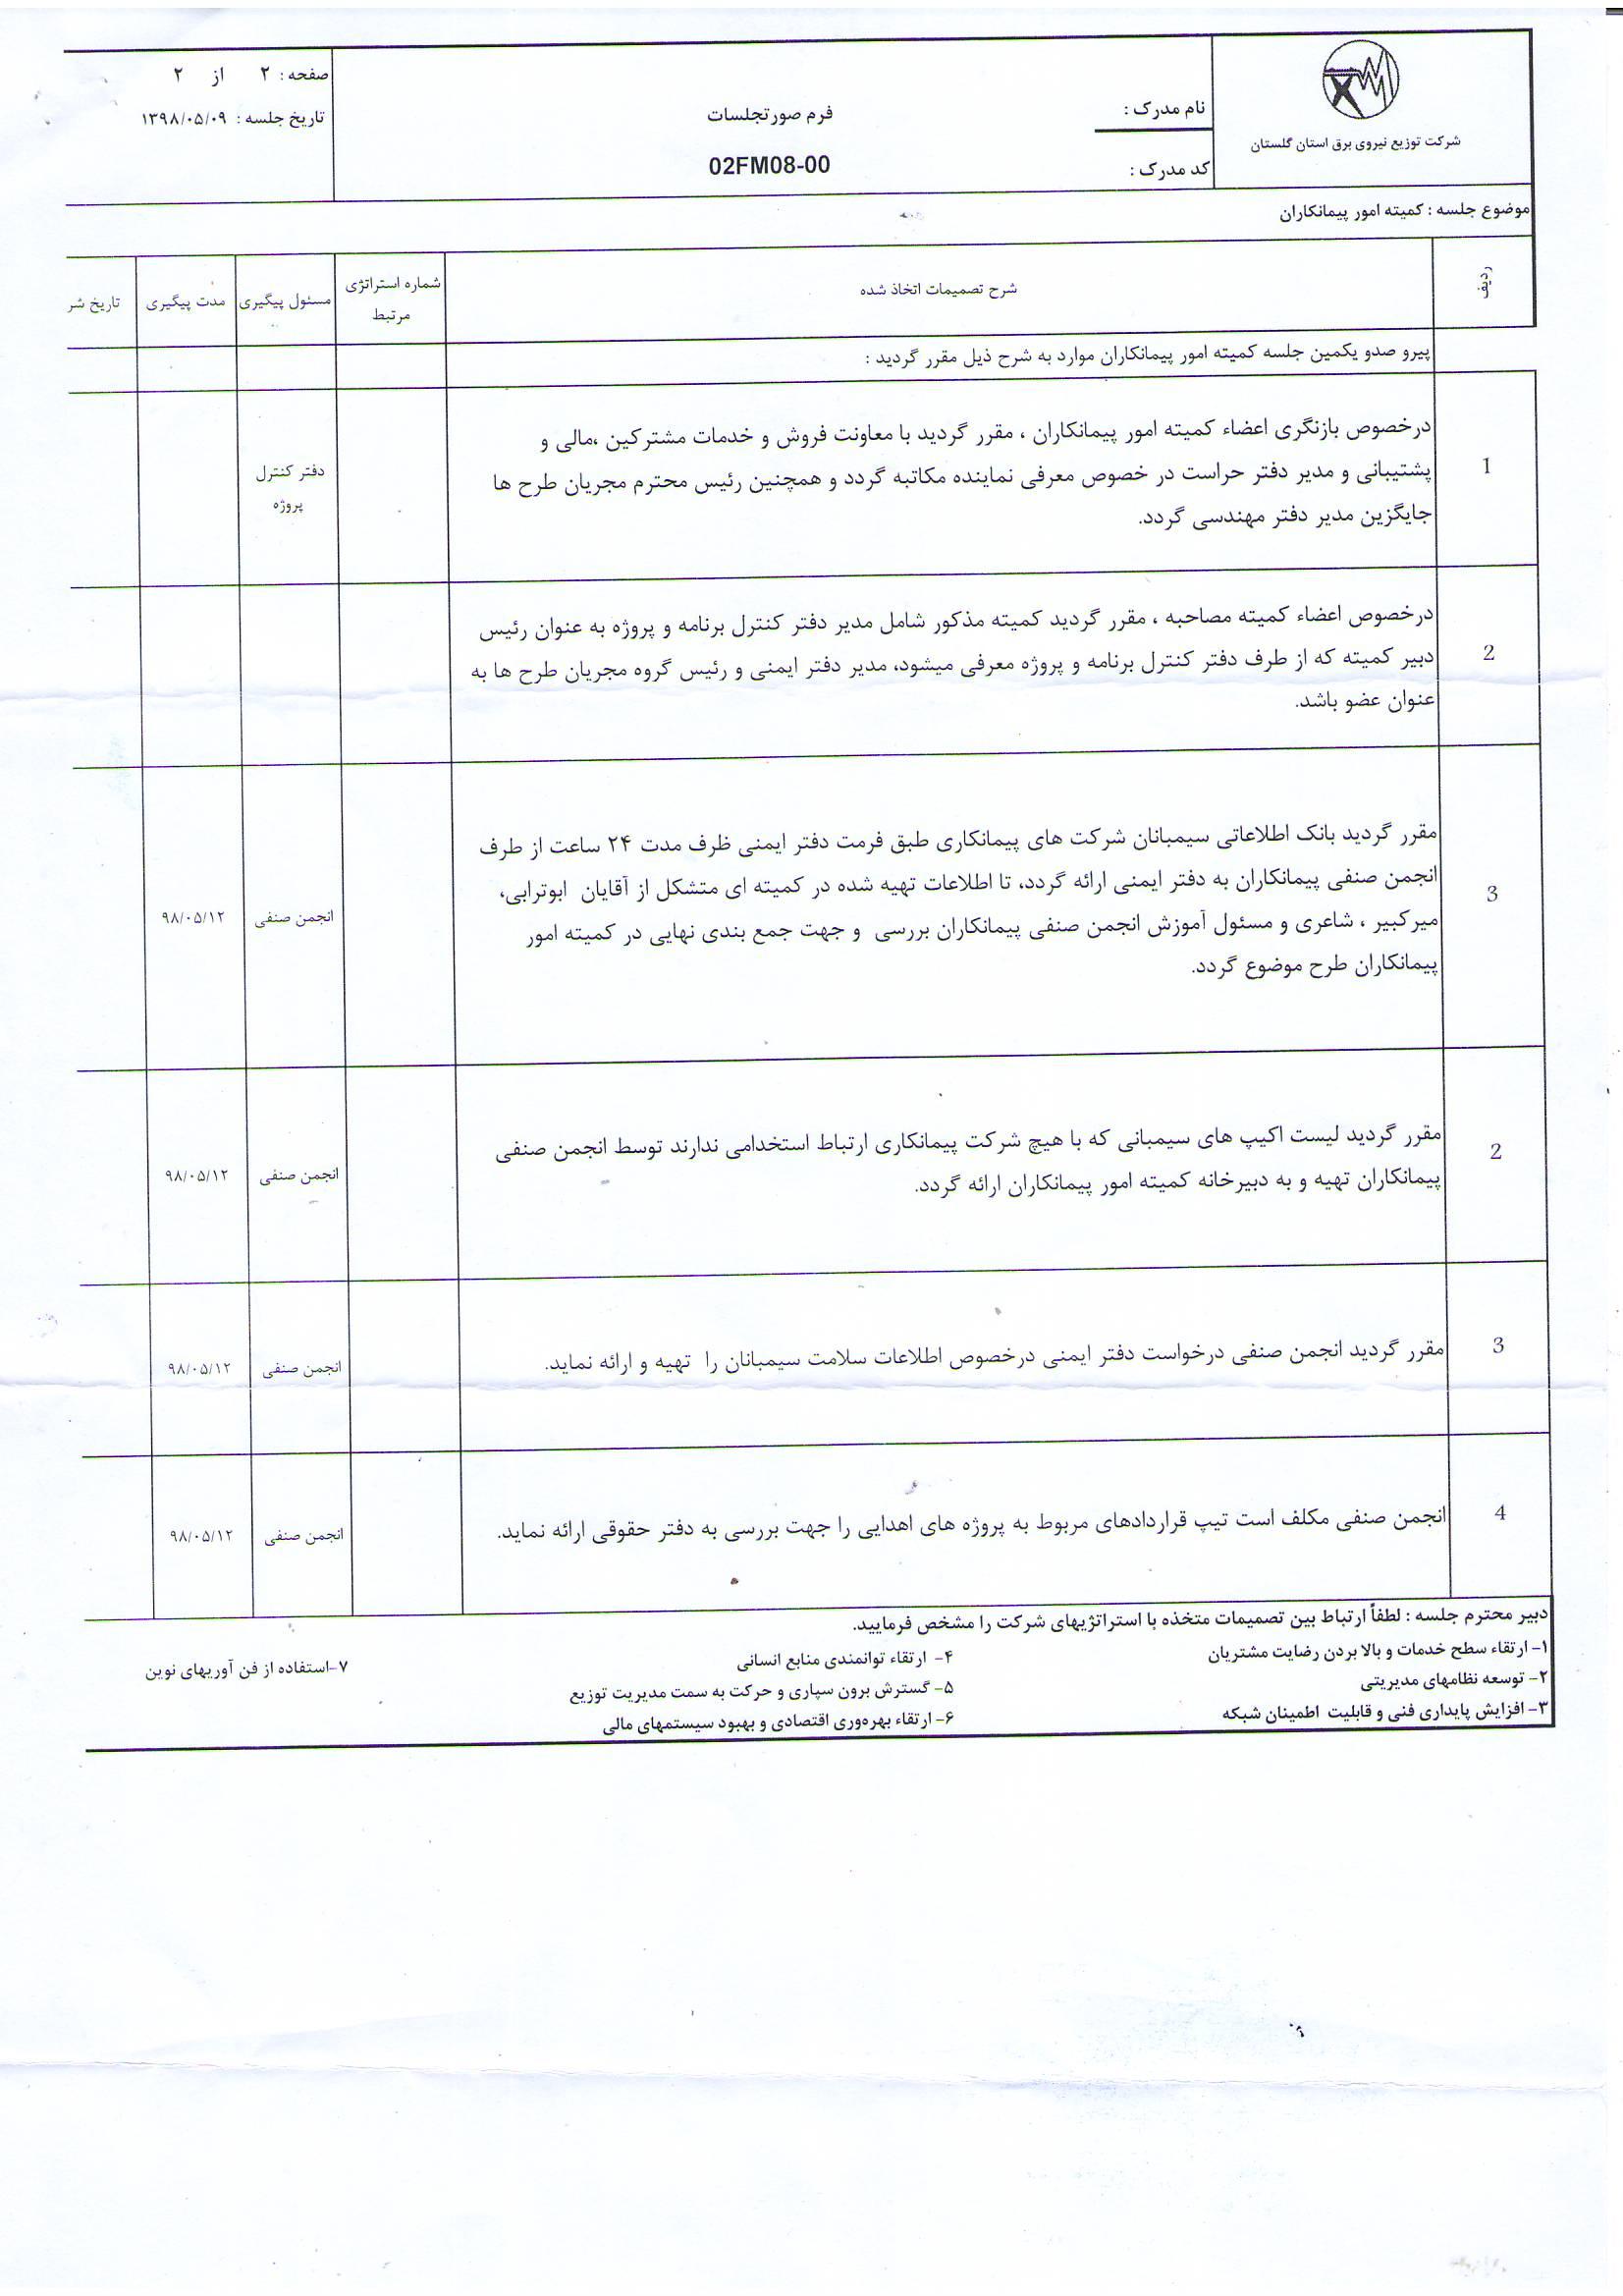 صورتجلسه شماره 105 کمیته پیمانکاران